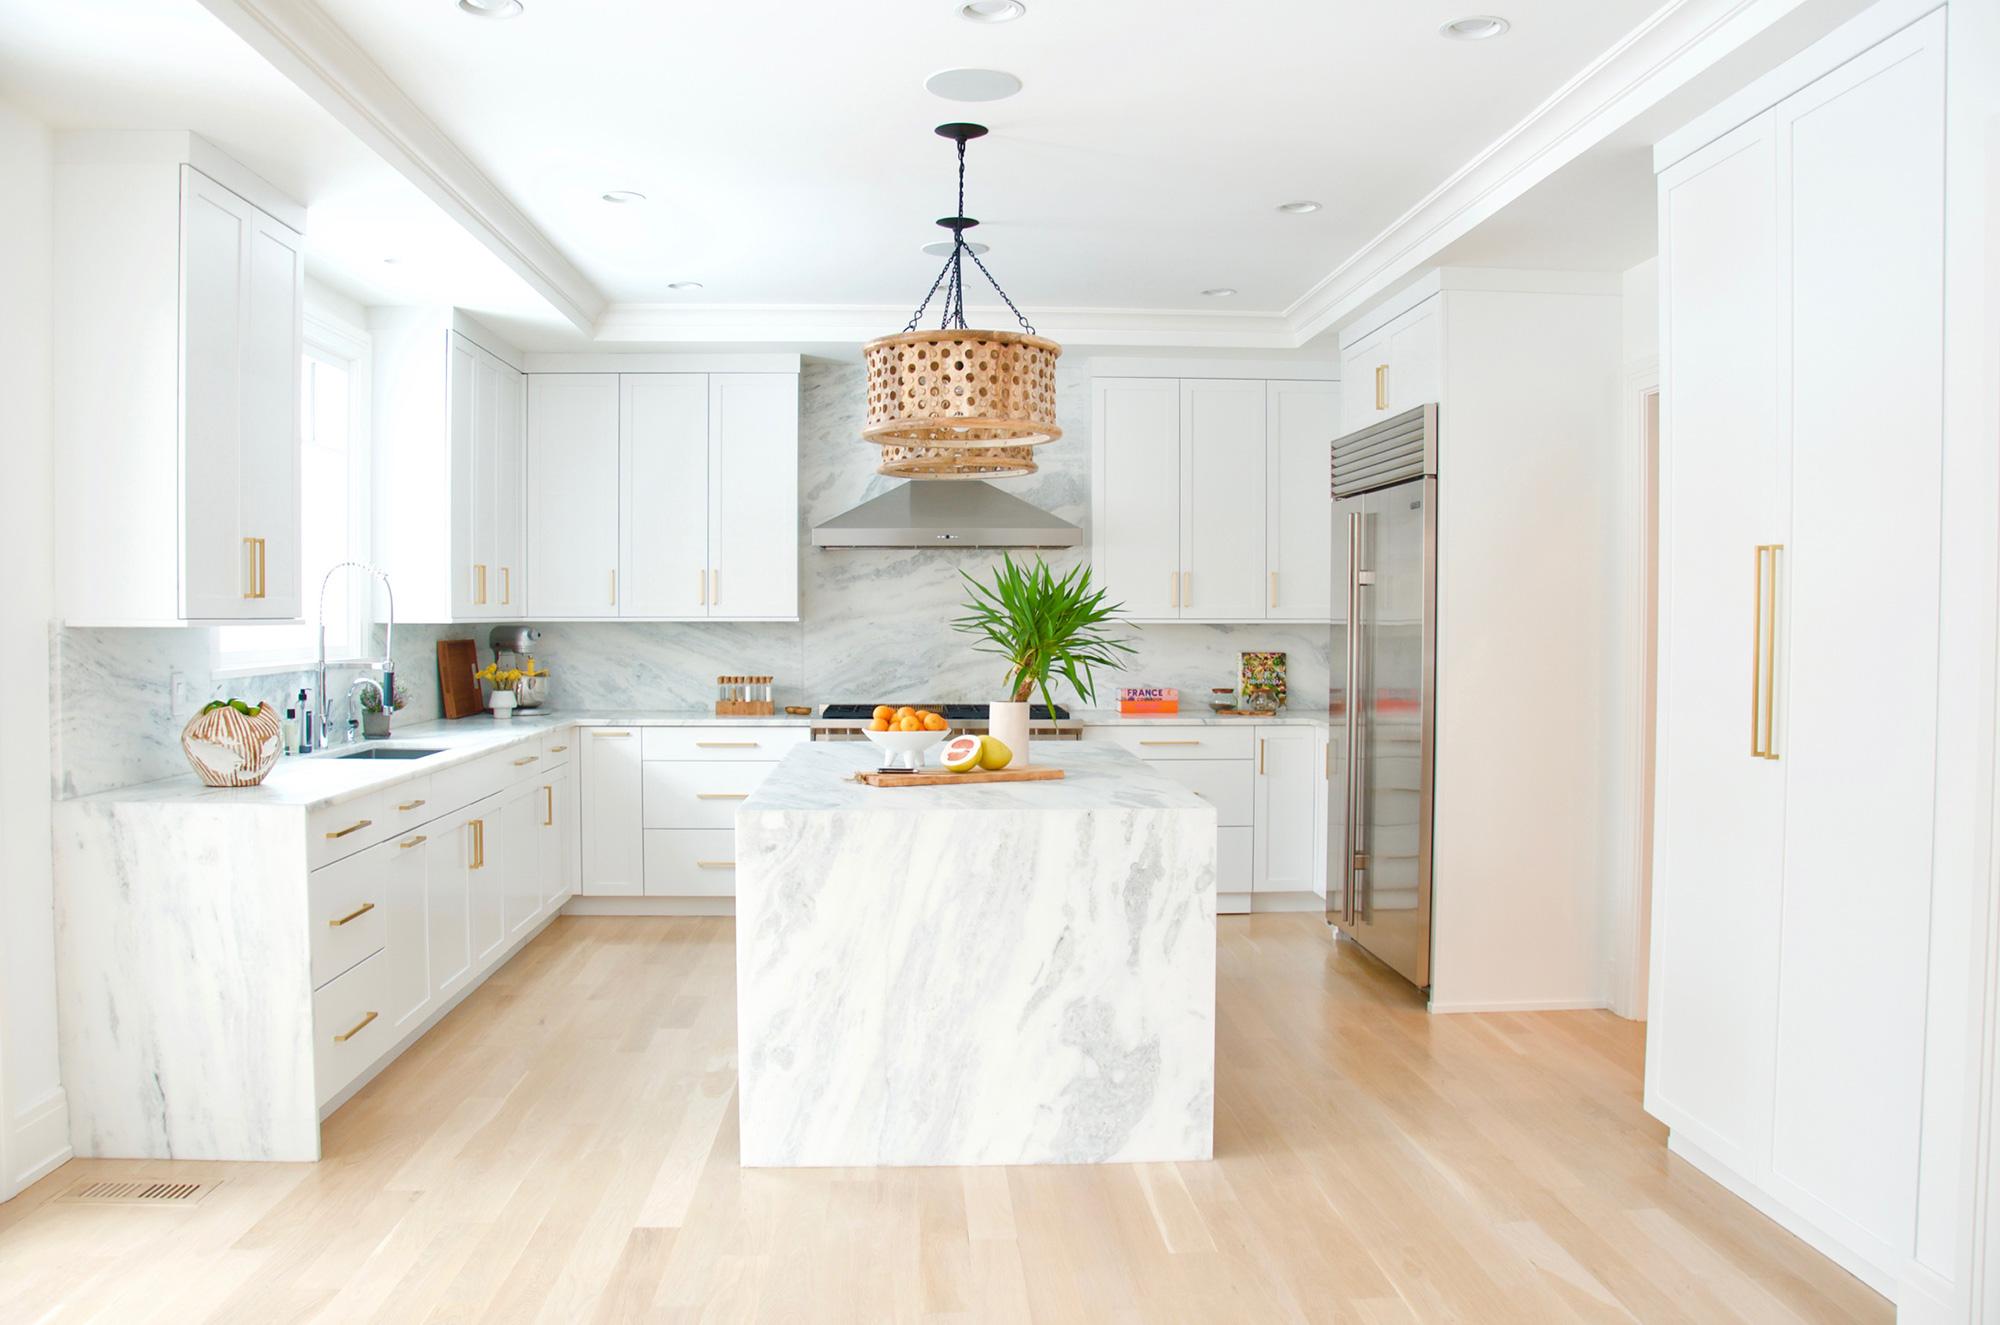 kitchen-botox-4.jpg